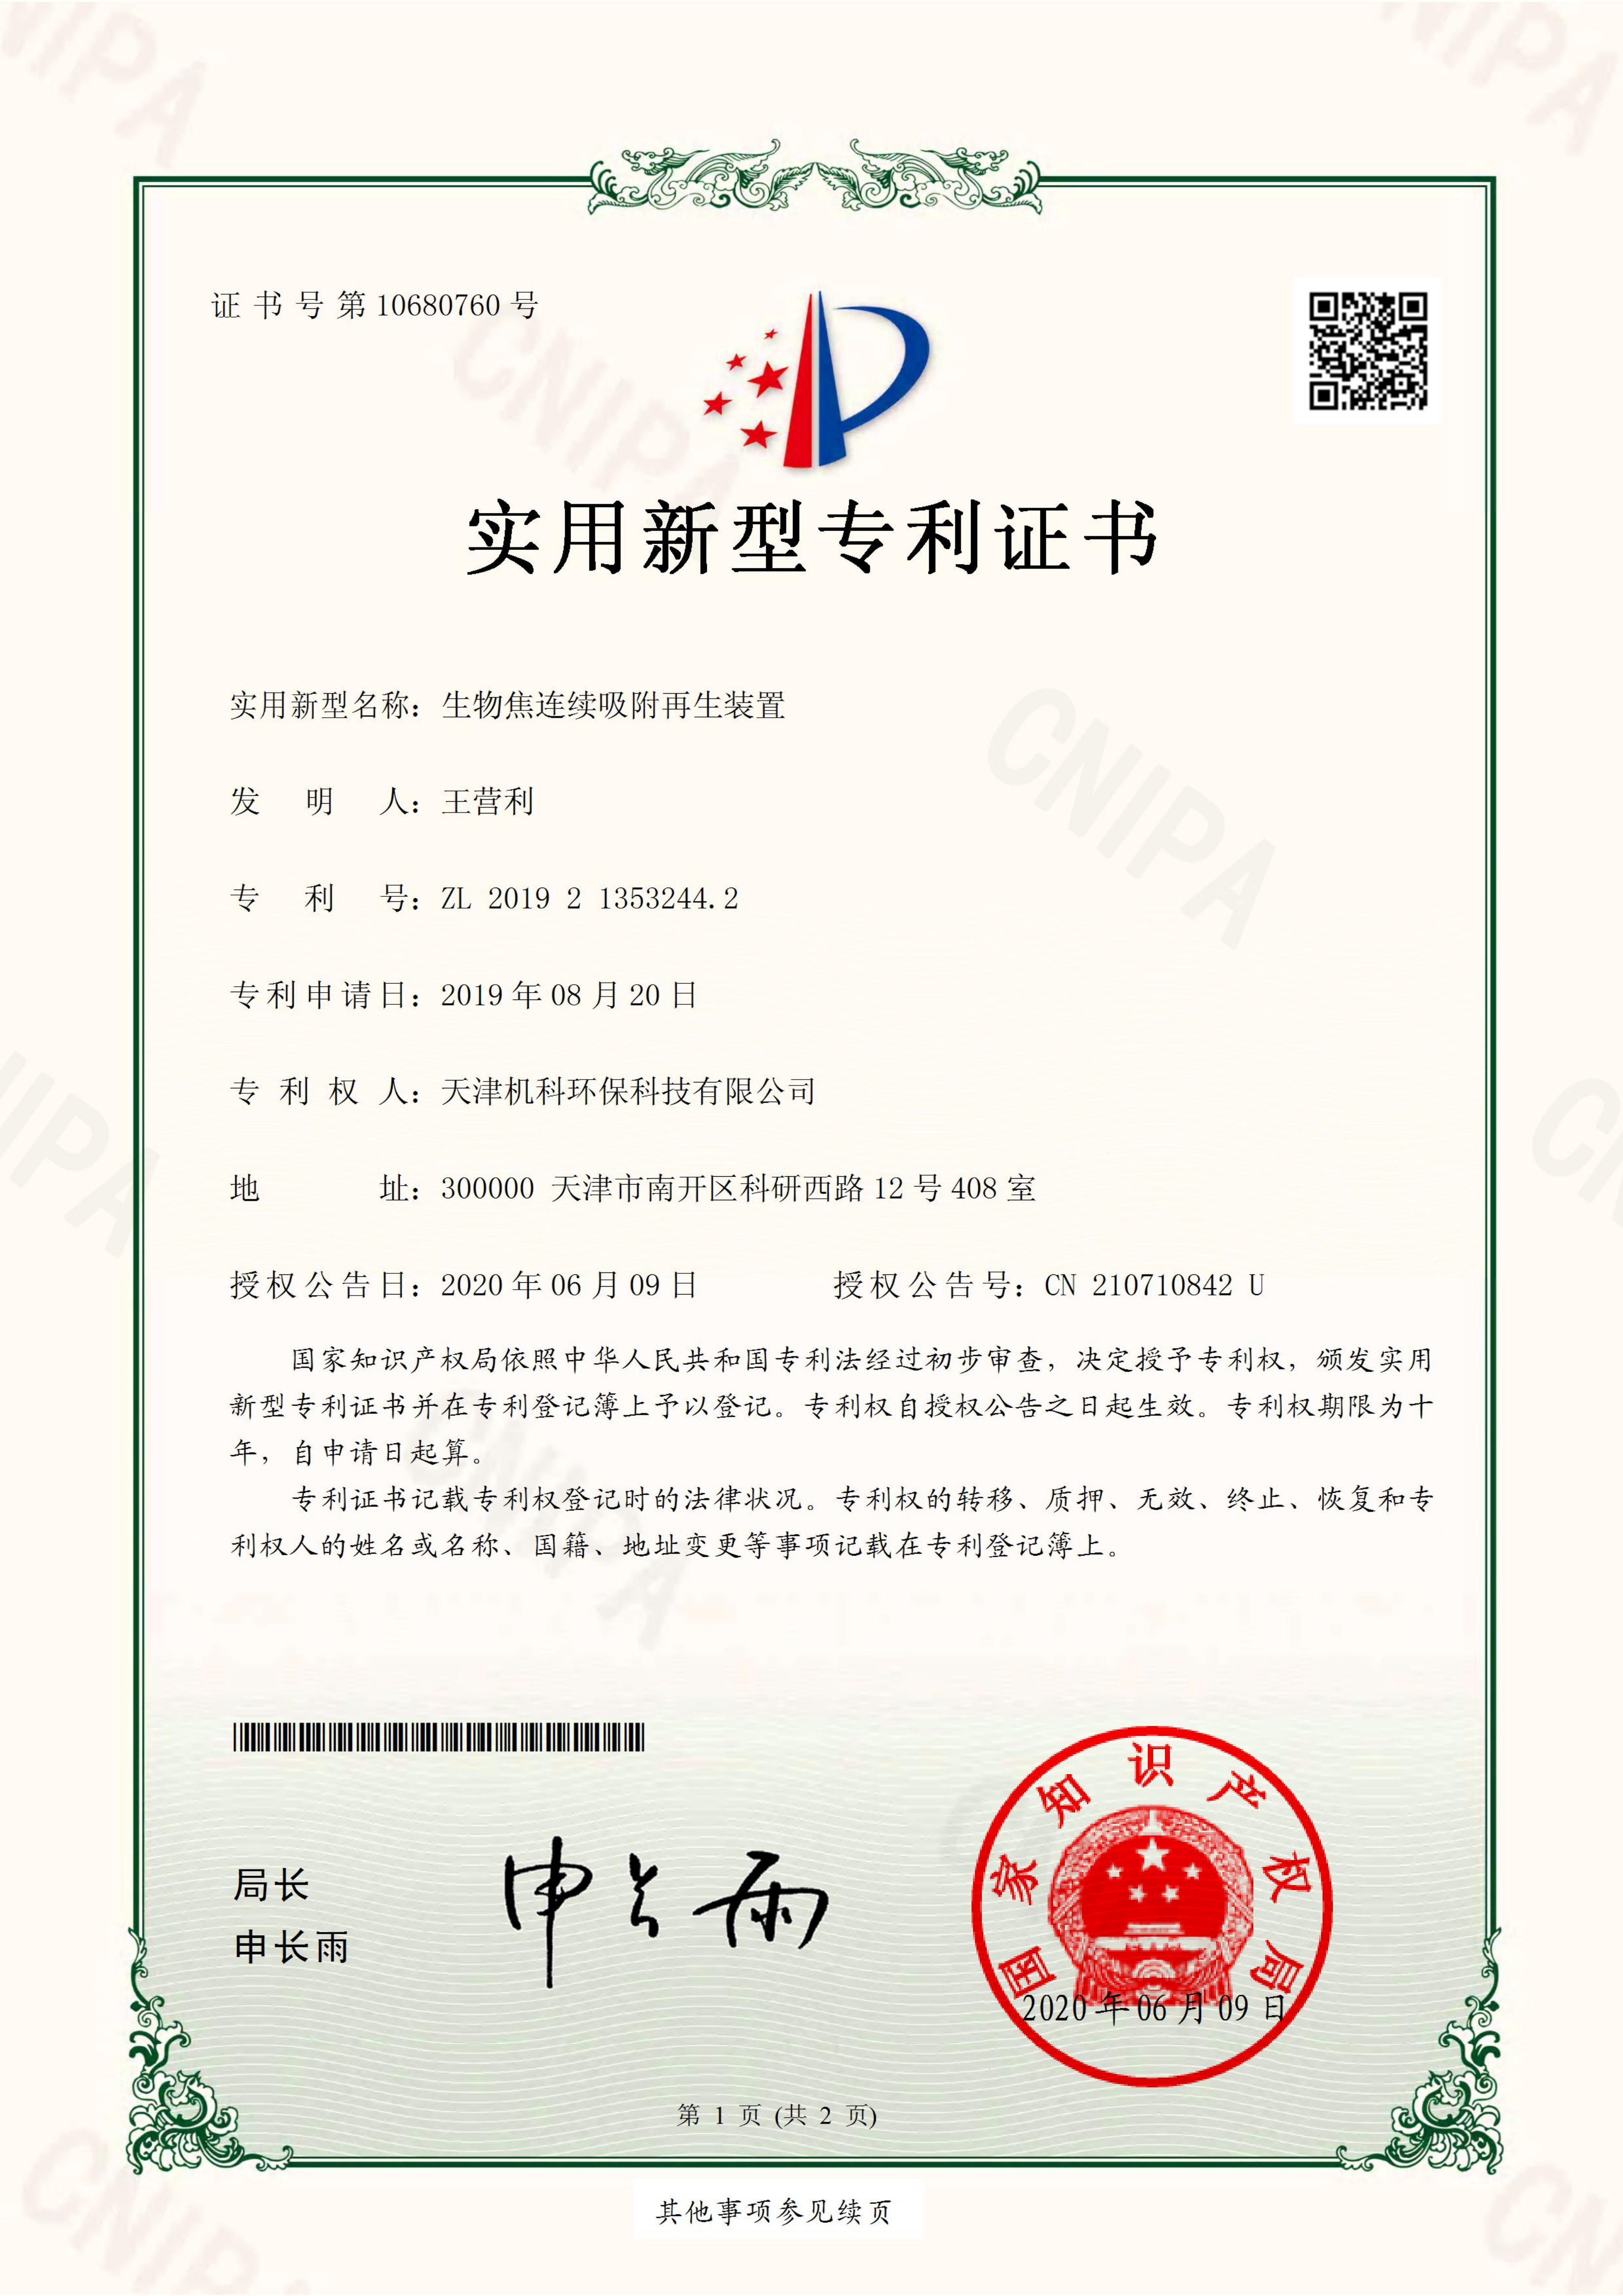 生物焦连续吸附再生装置专利证书